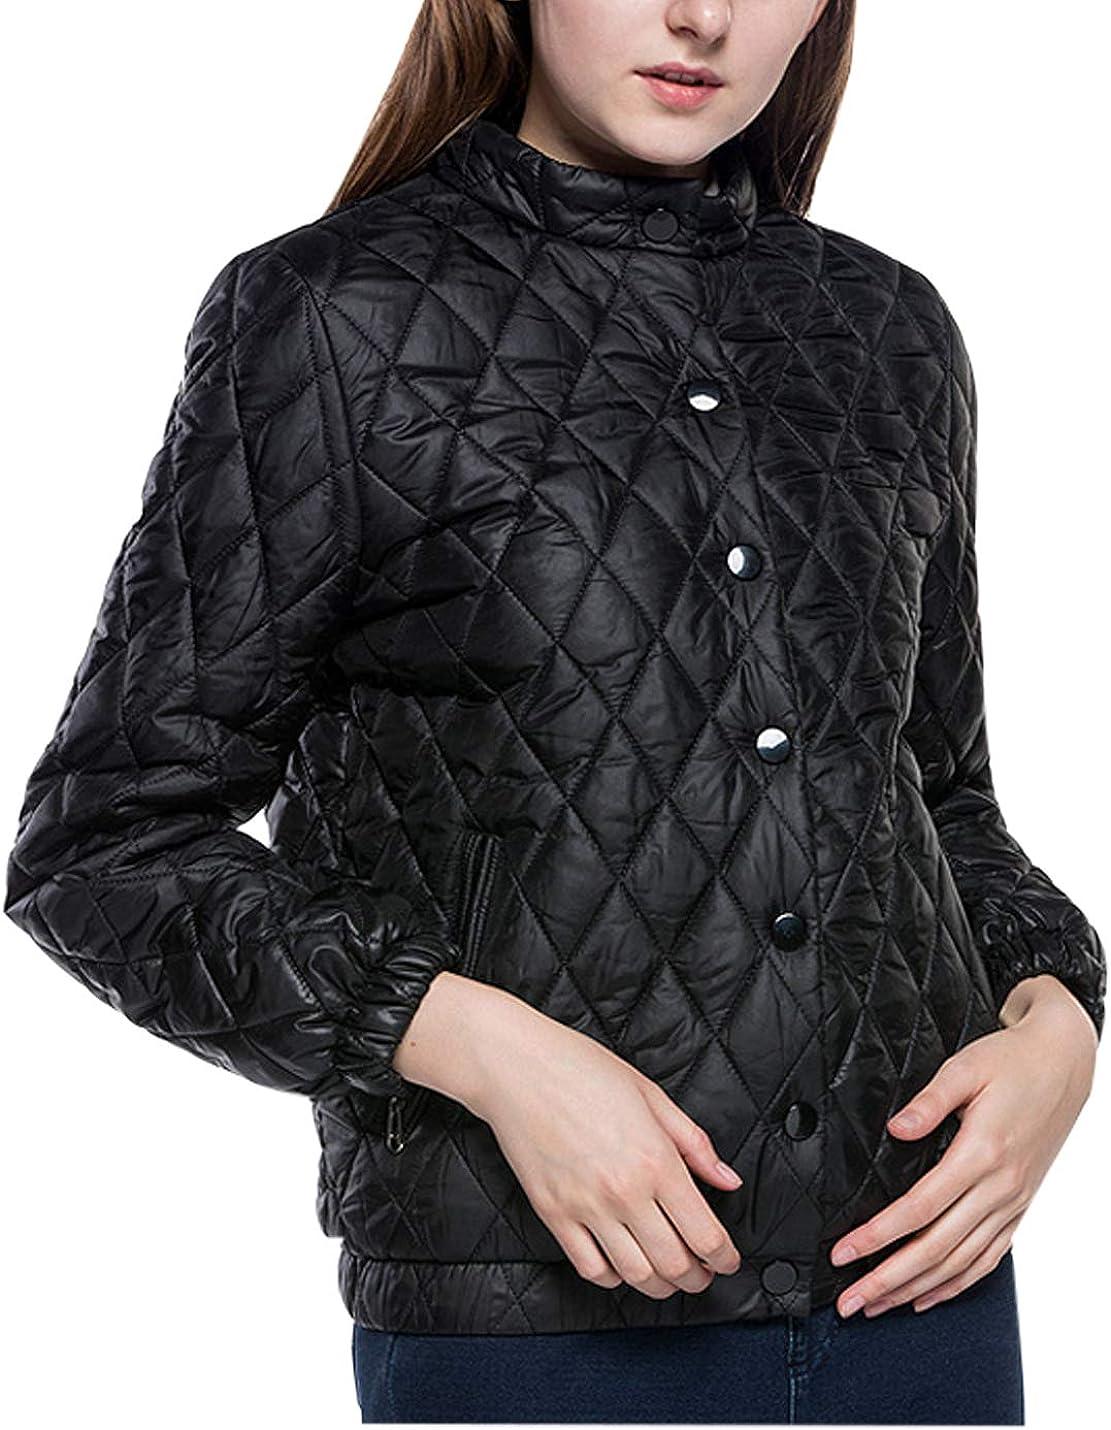 Jenkoon Women's Loose Stand Collar Plaid Short Winter Quilted Jacket Sweatshirt Overcoat